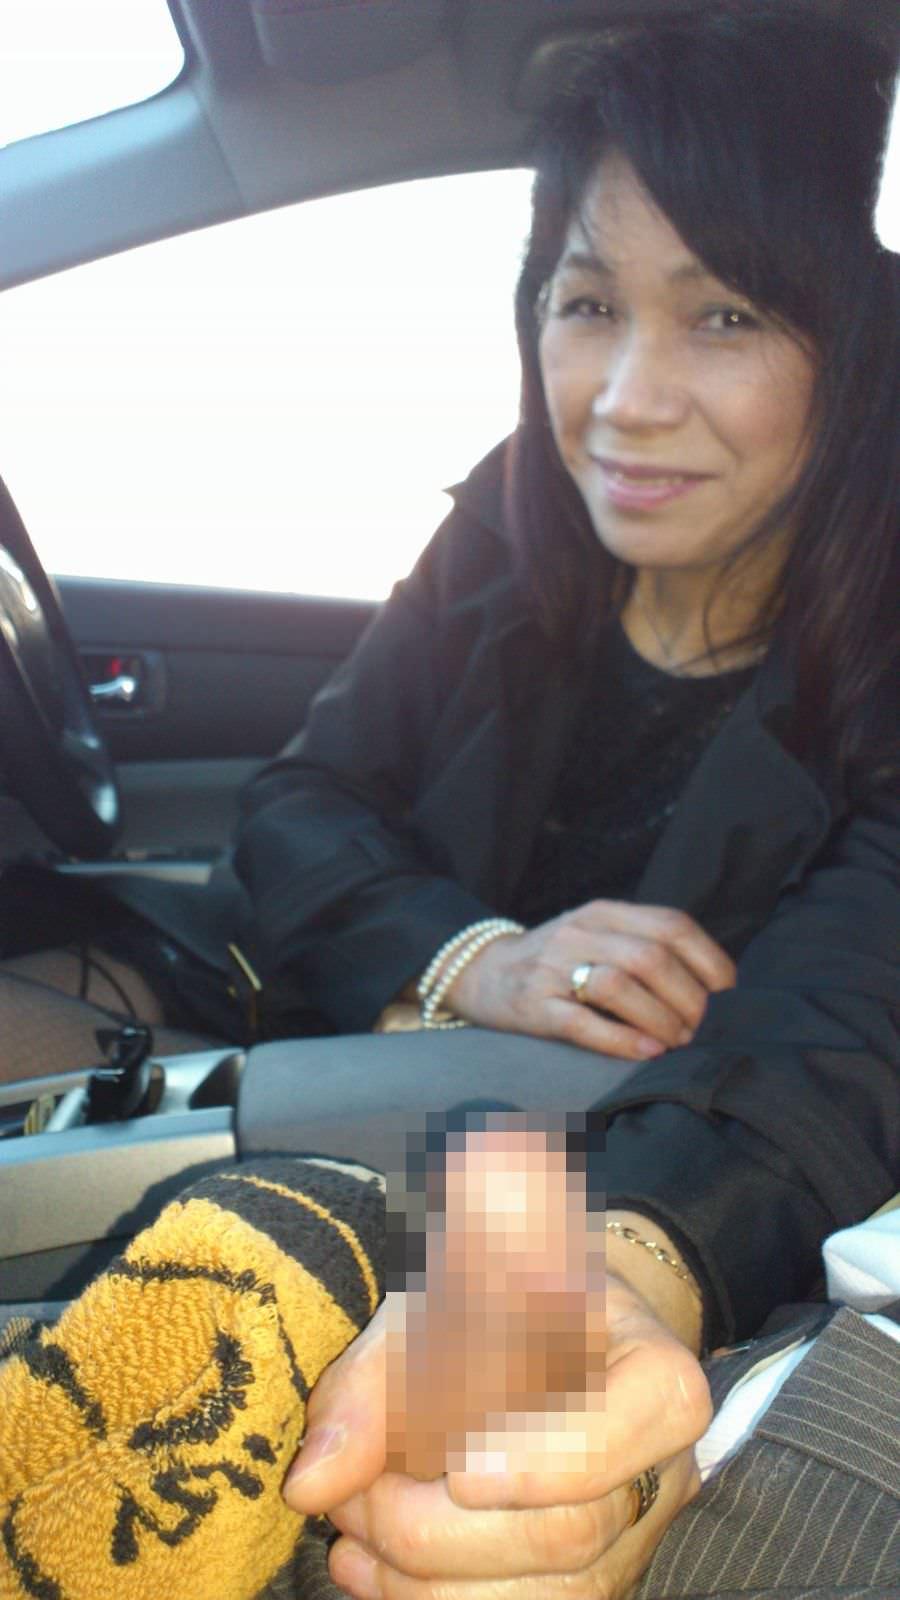 上司の奥さんと不倫中www車で人妻とカーセックスしまくる素人エロ画像 1011